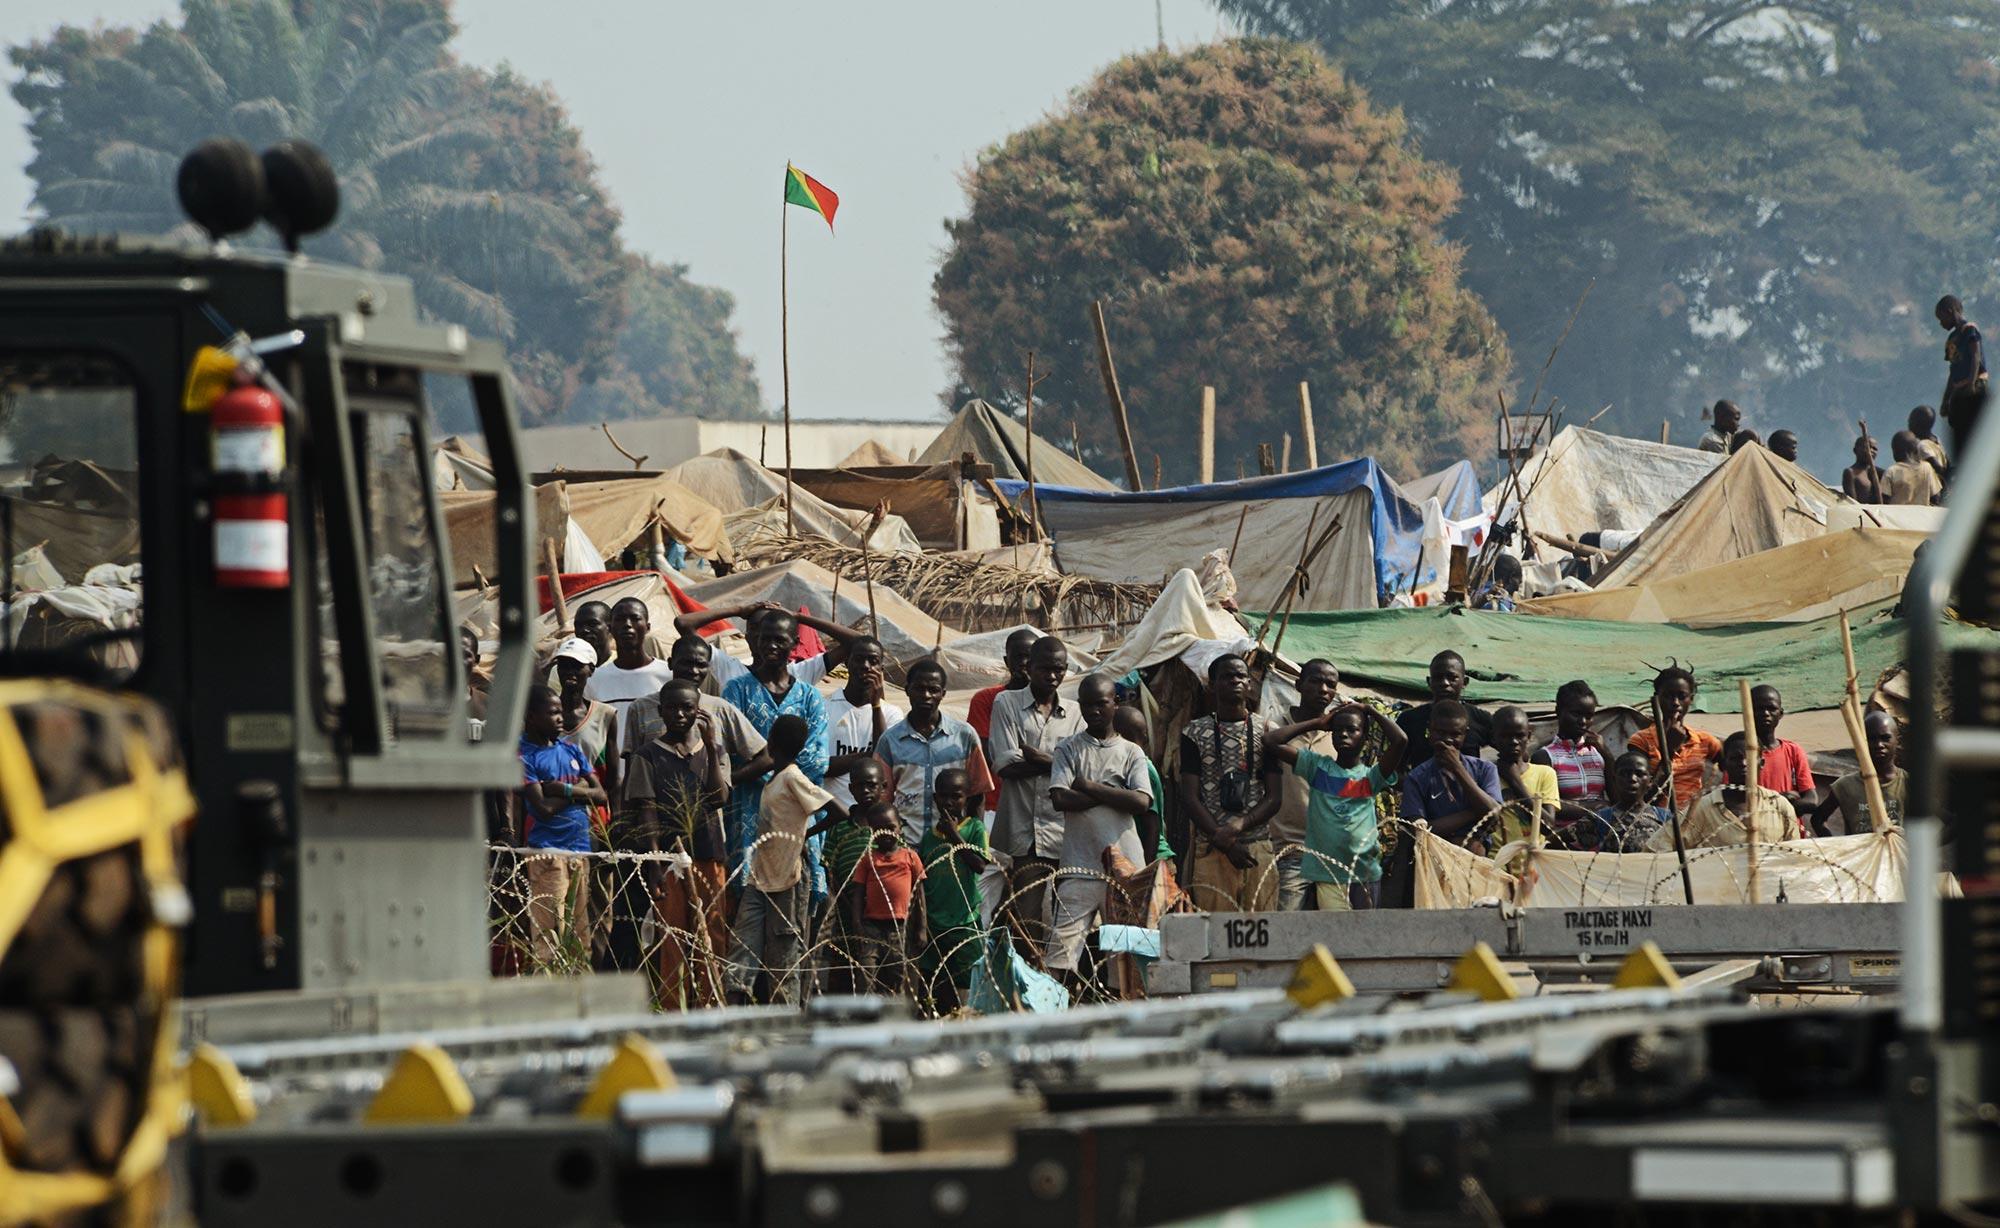 La Francia ha mandato stupratori, non soldati, durante la missione di pace nella Repubblica Centrafricana